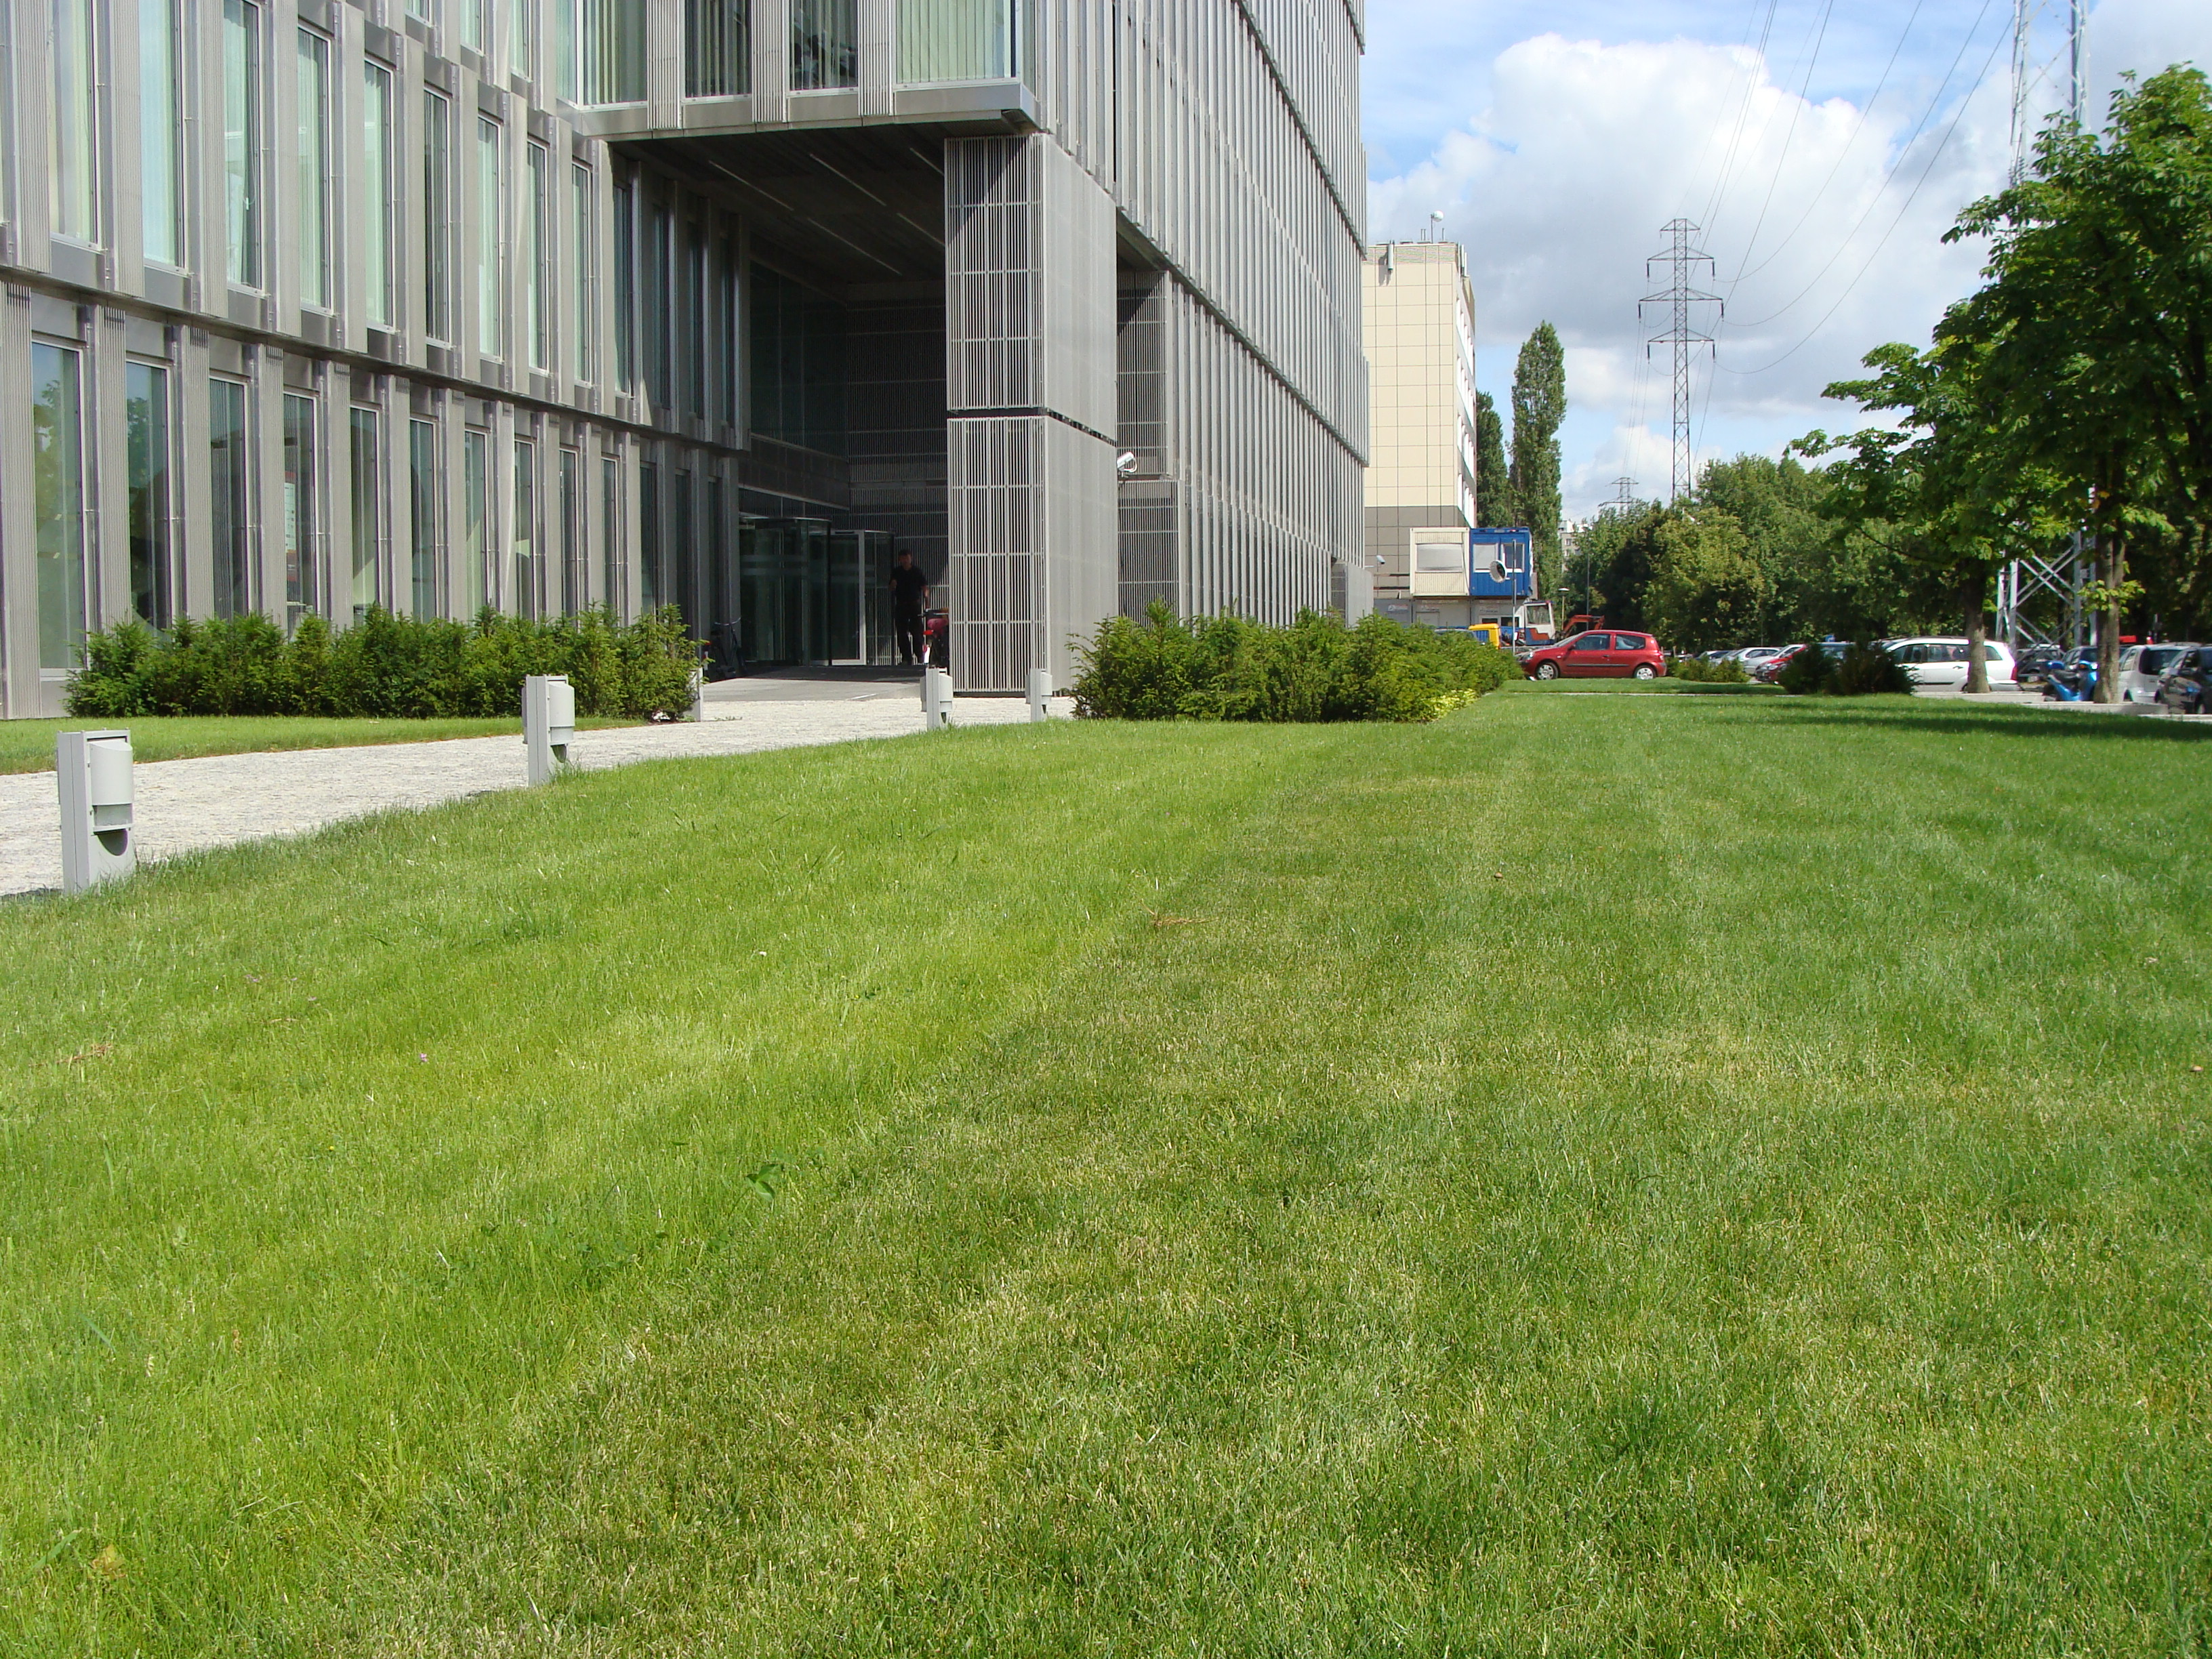 NAWIERZCHNIA NETTURF Advanced Grass - system stabilizacji trawnika - cena za m3